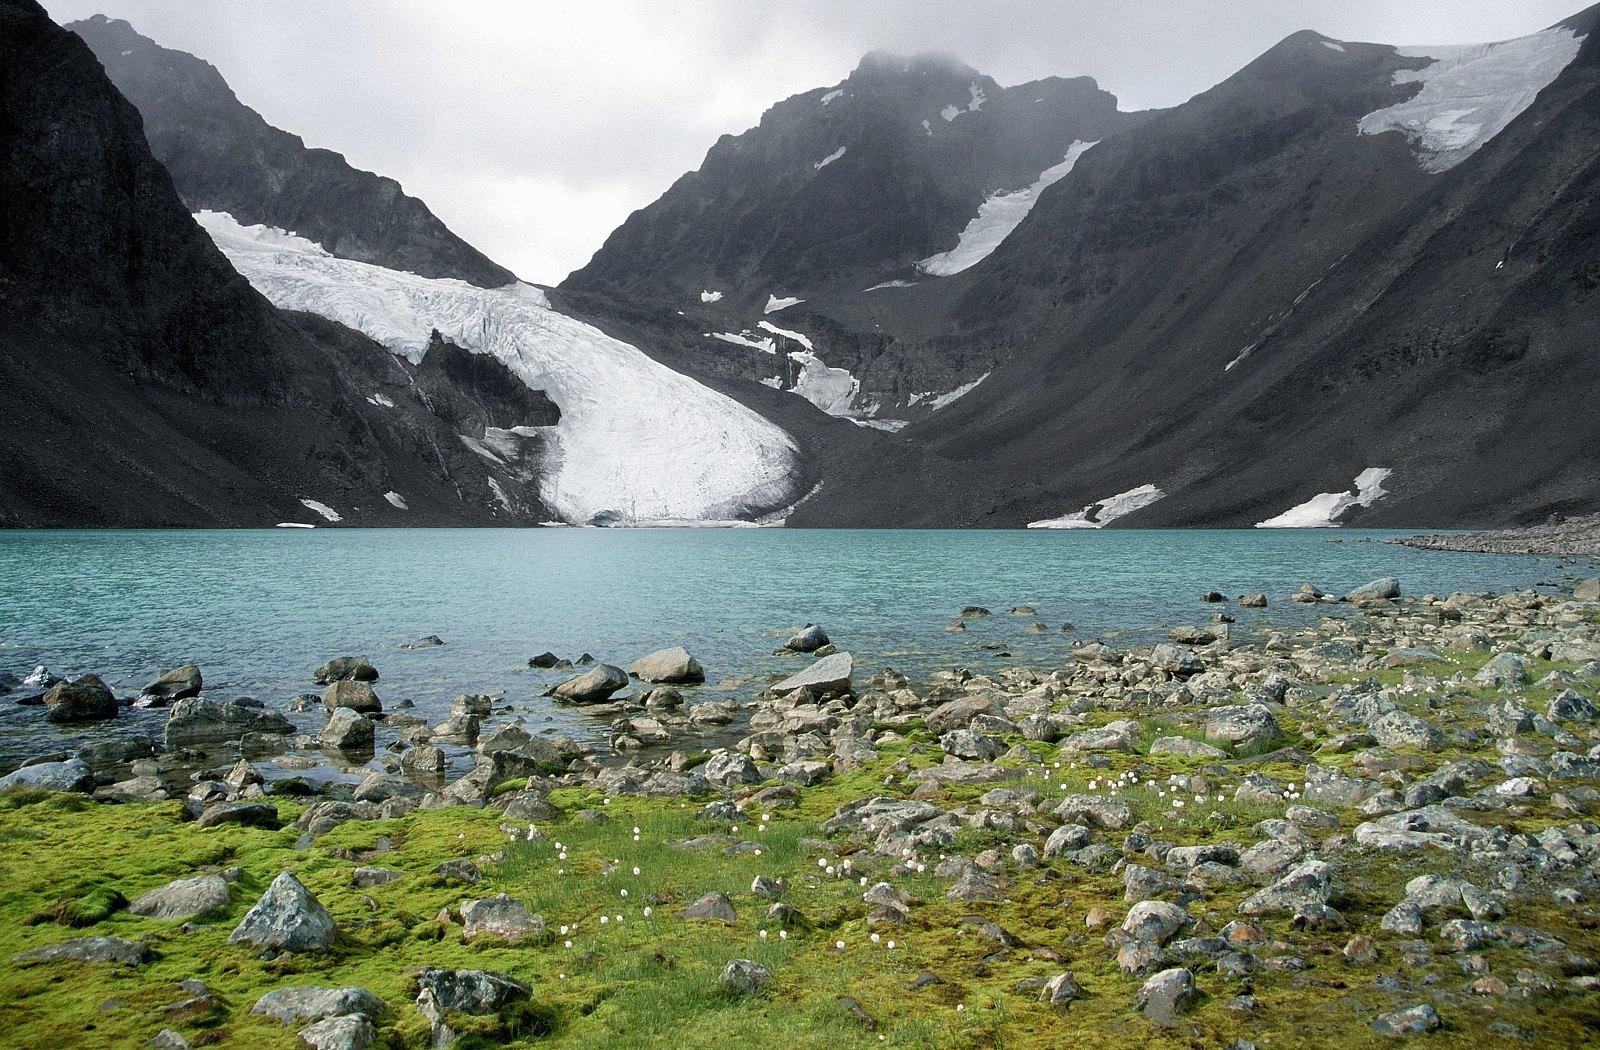 الجمال الطبيعي الساحر عنوان يلوذ بالافق - روعة الجمال السويدي الاوروبي ّ!